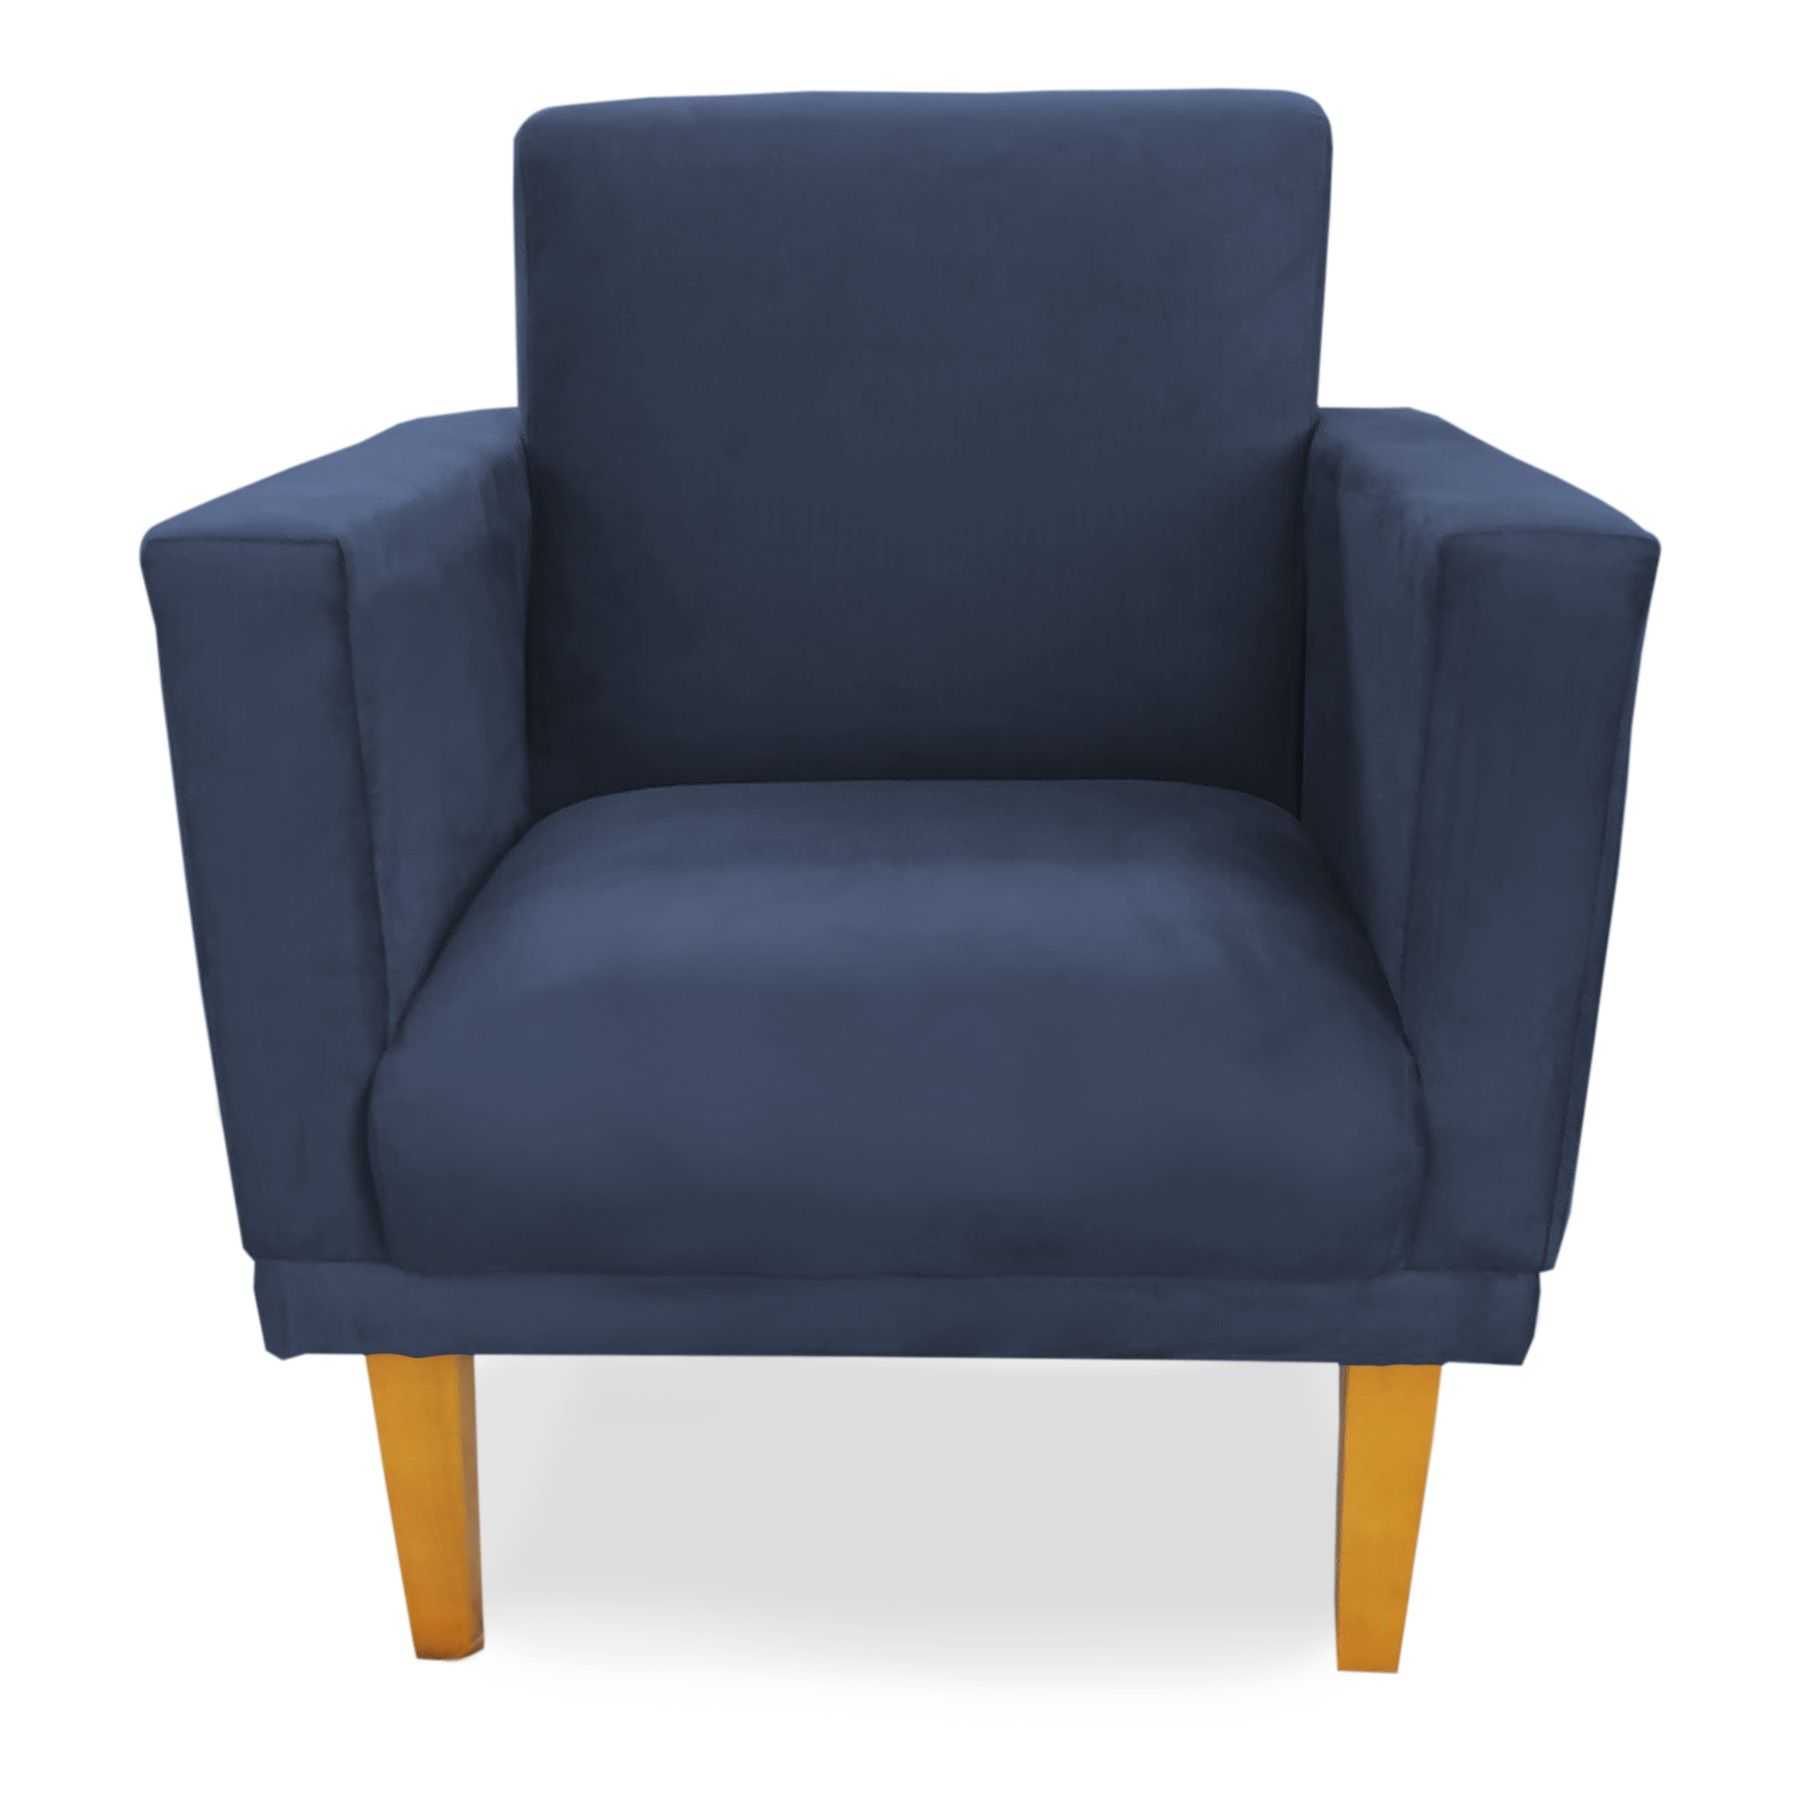 Poltrona Decorativa Conforto Pés Madeira Suede Azul - Sheep Estofados